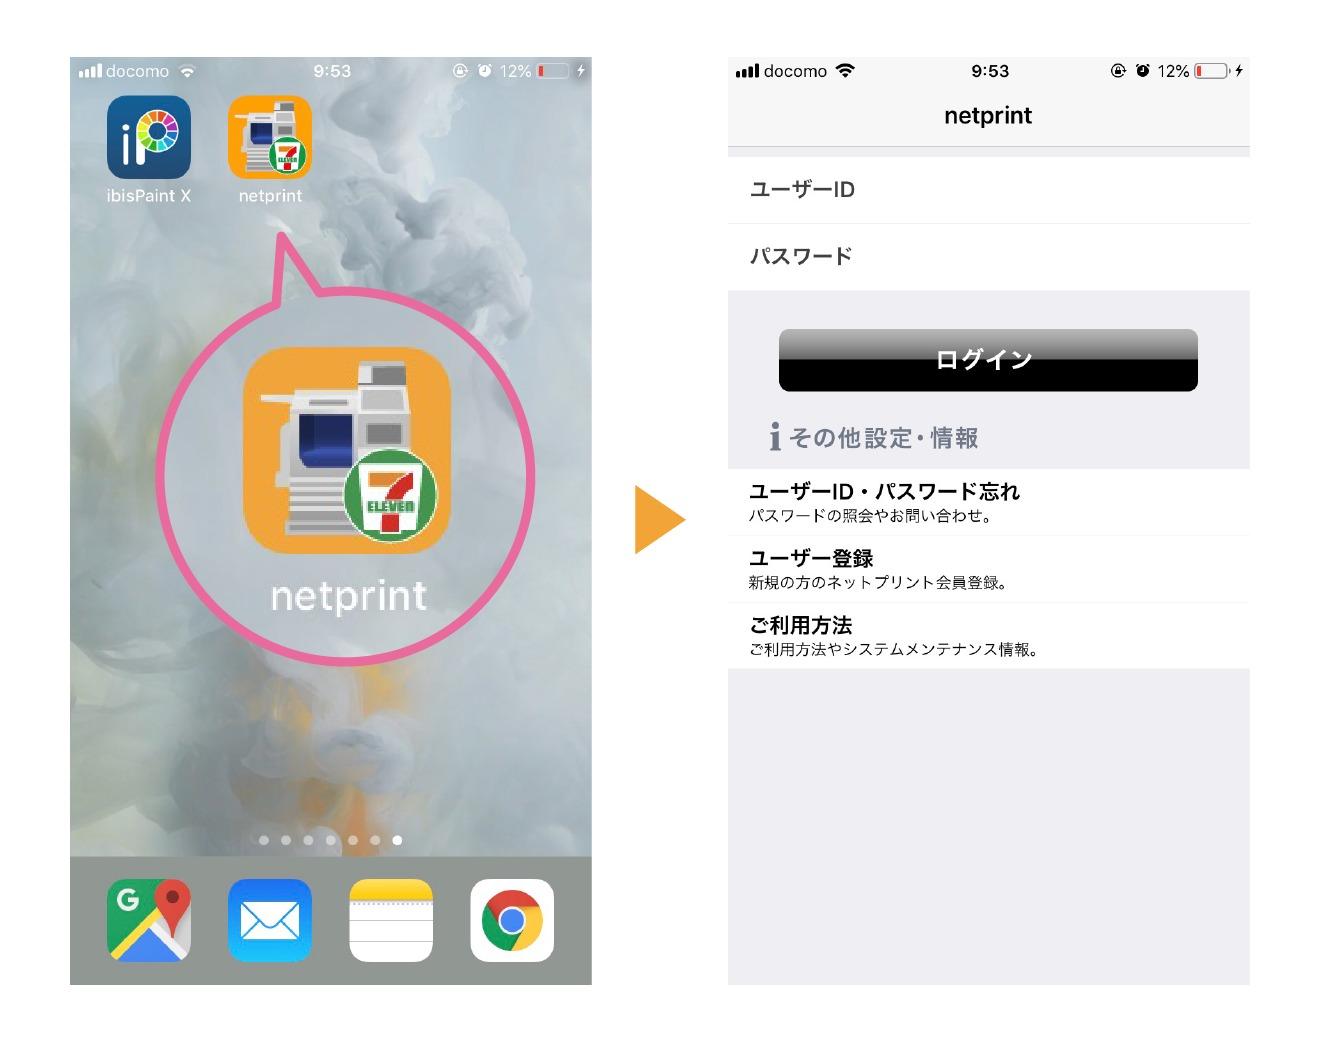 netprintアプリ